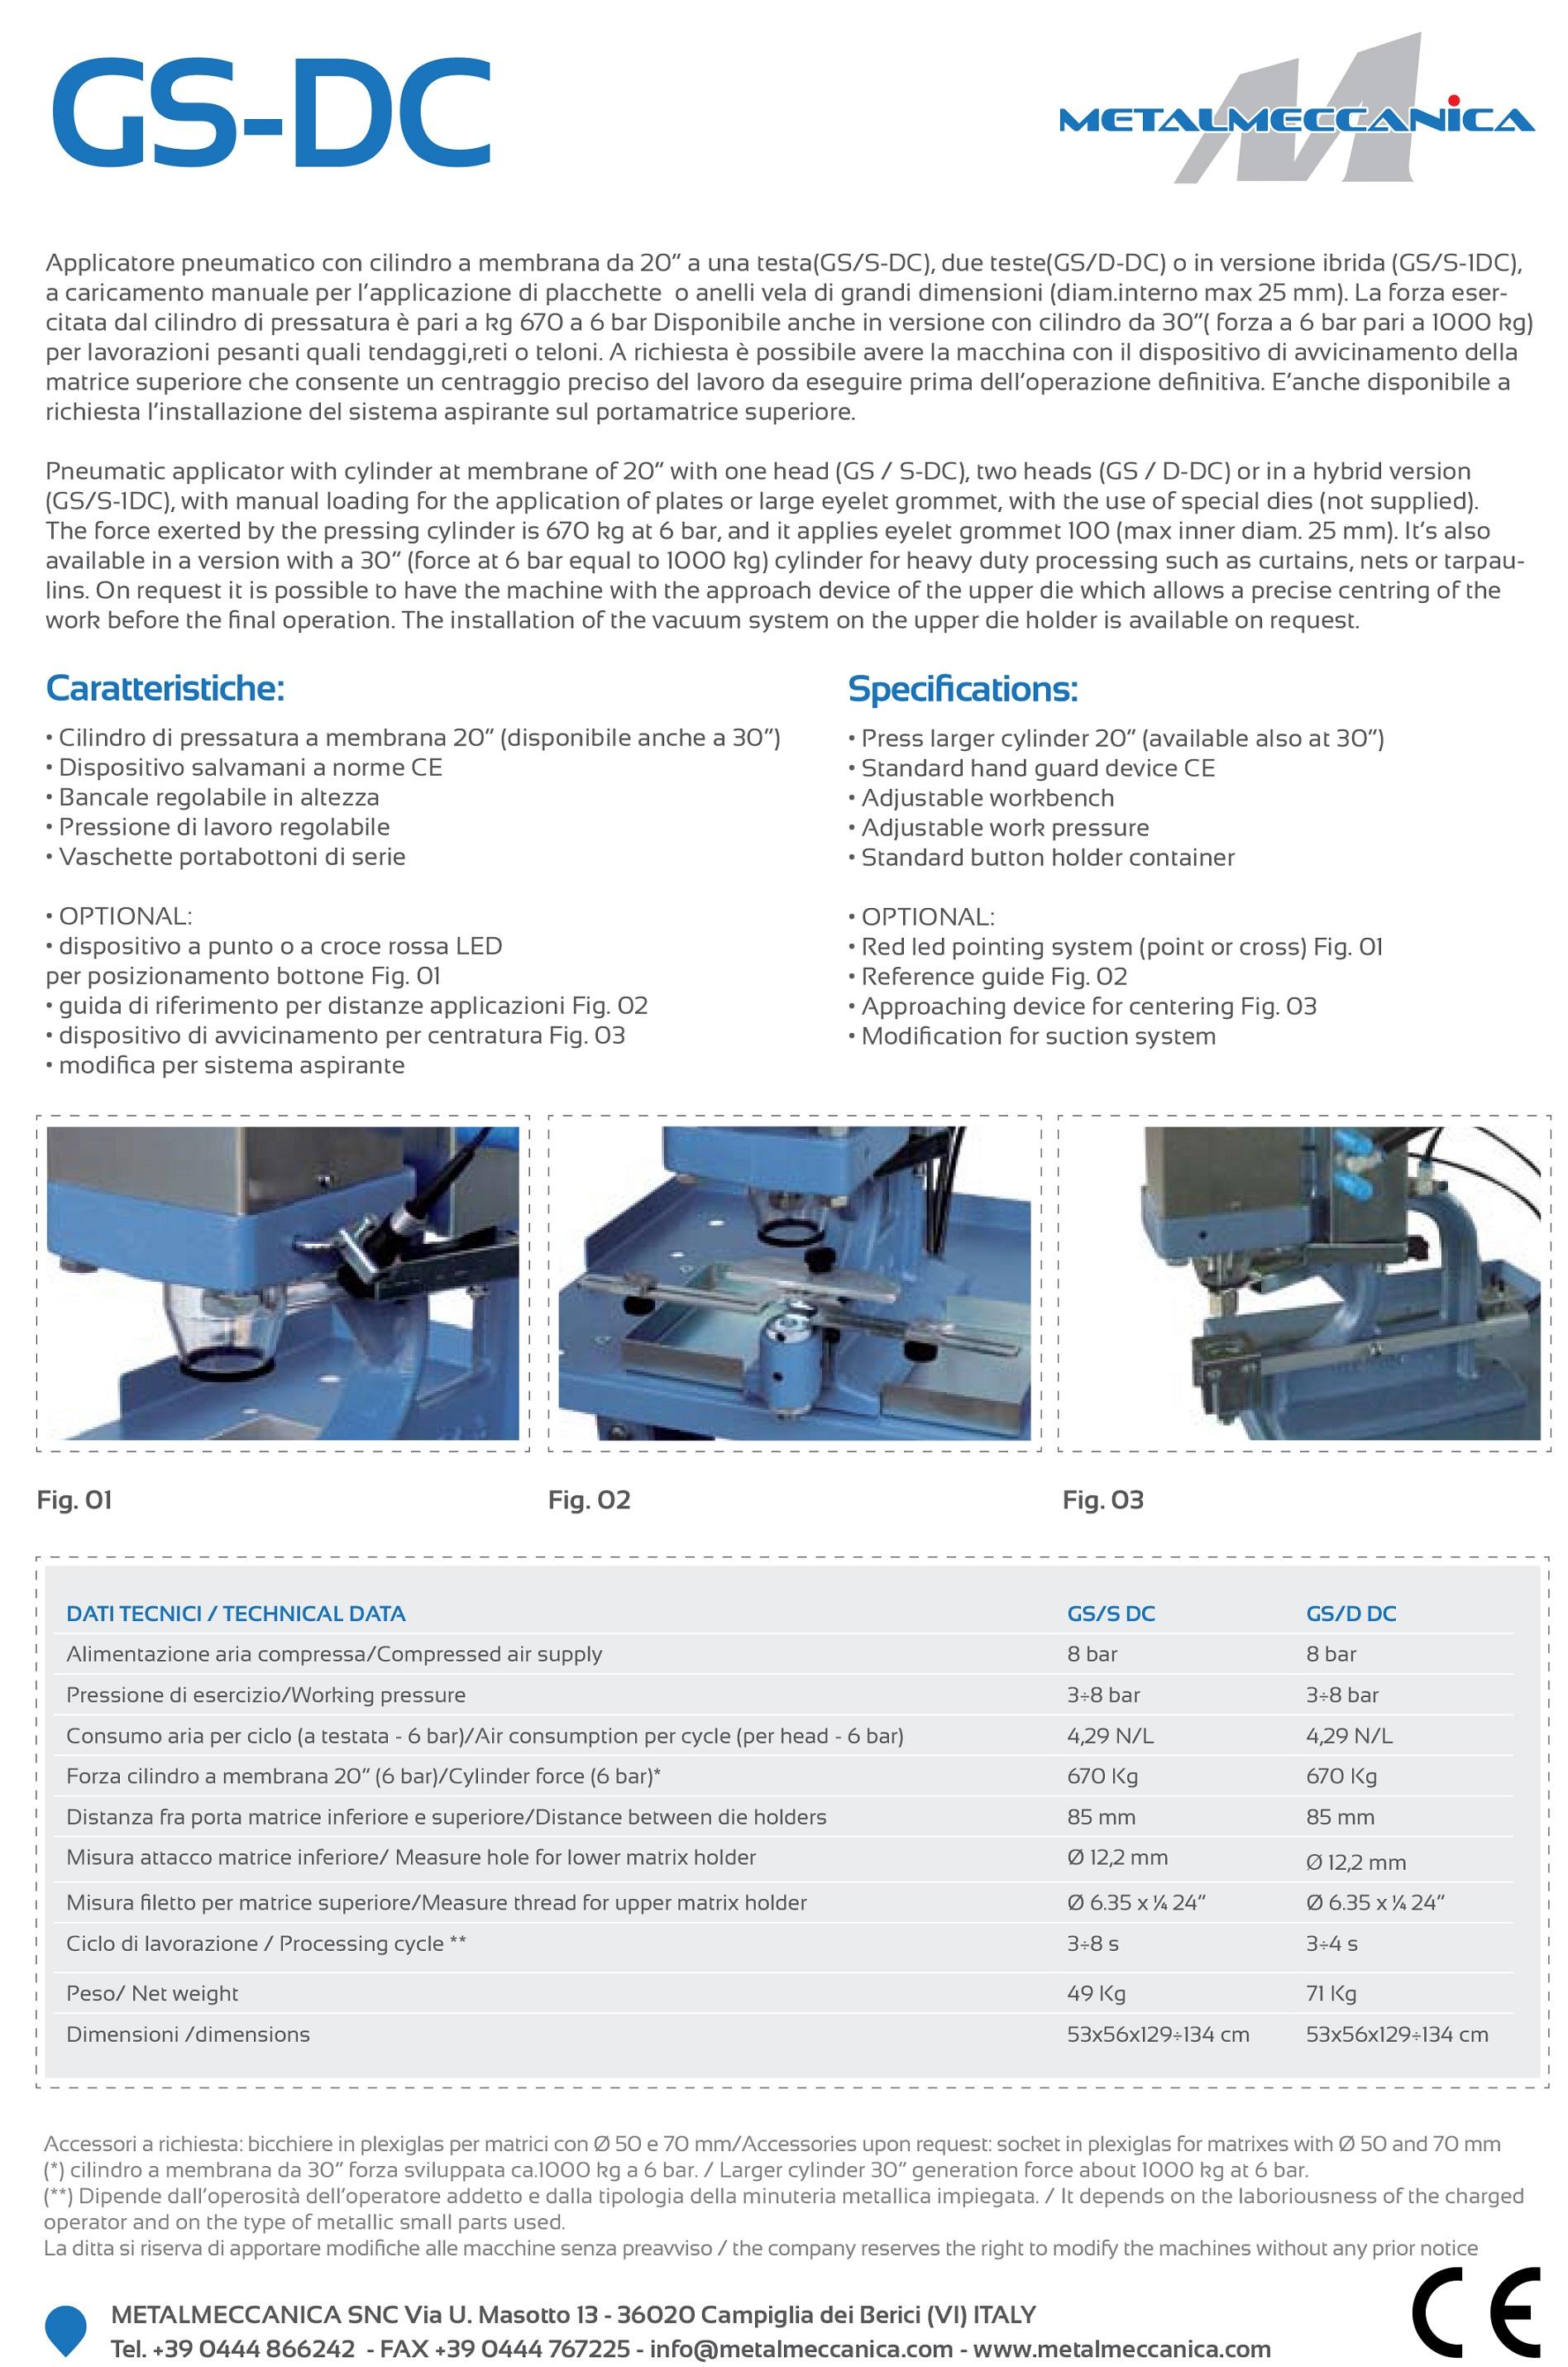 gsdc capsator metalmeccanica pneumatic